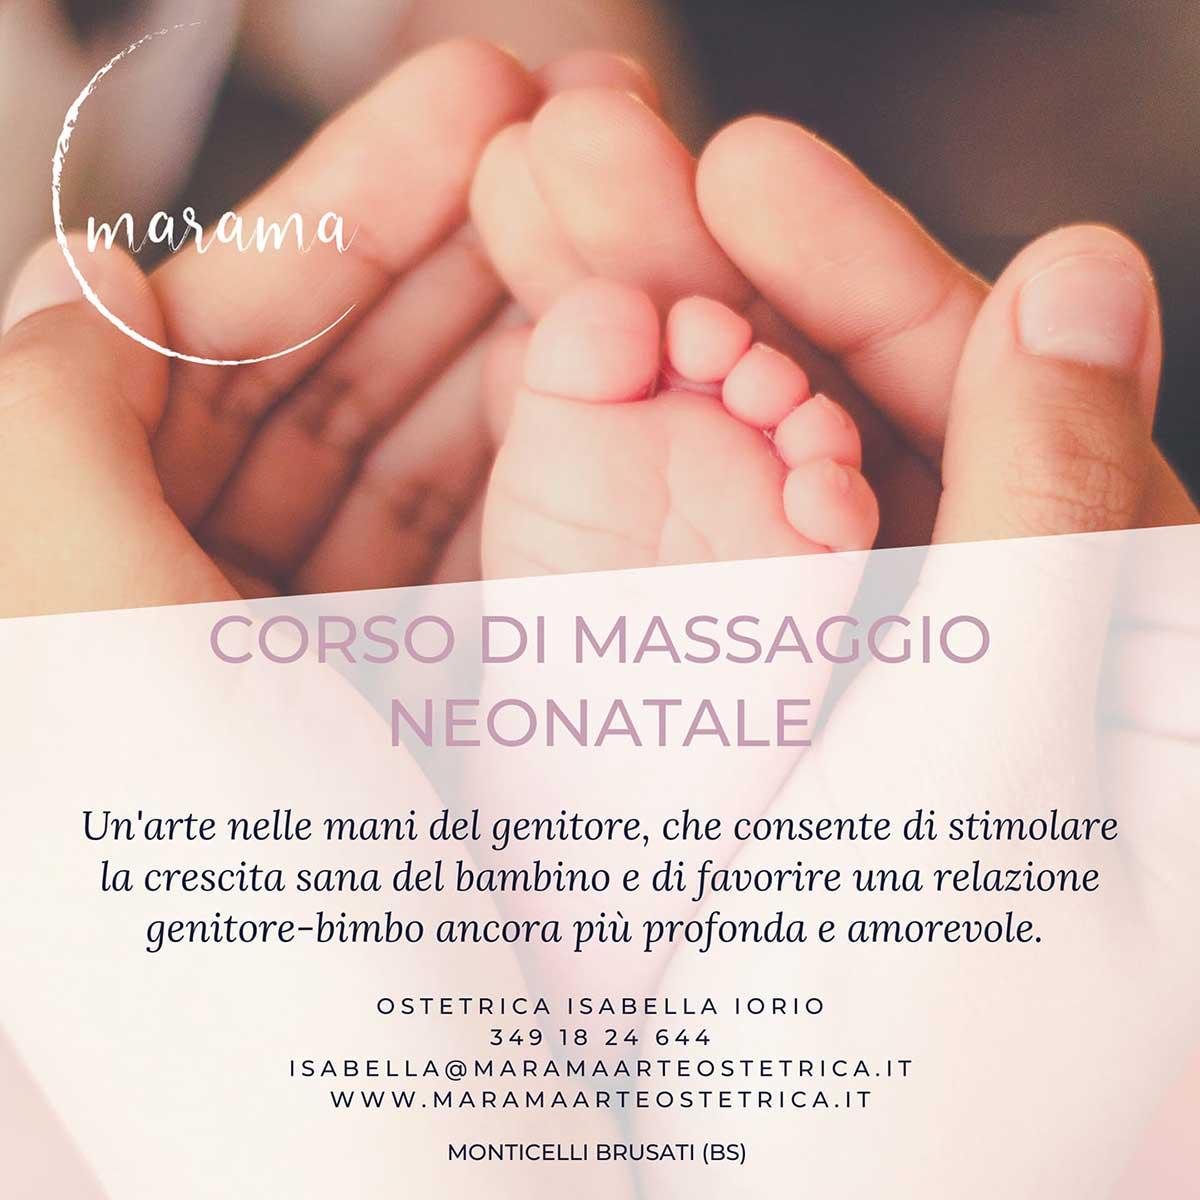 massaggio-neonatale-marama